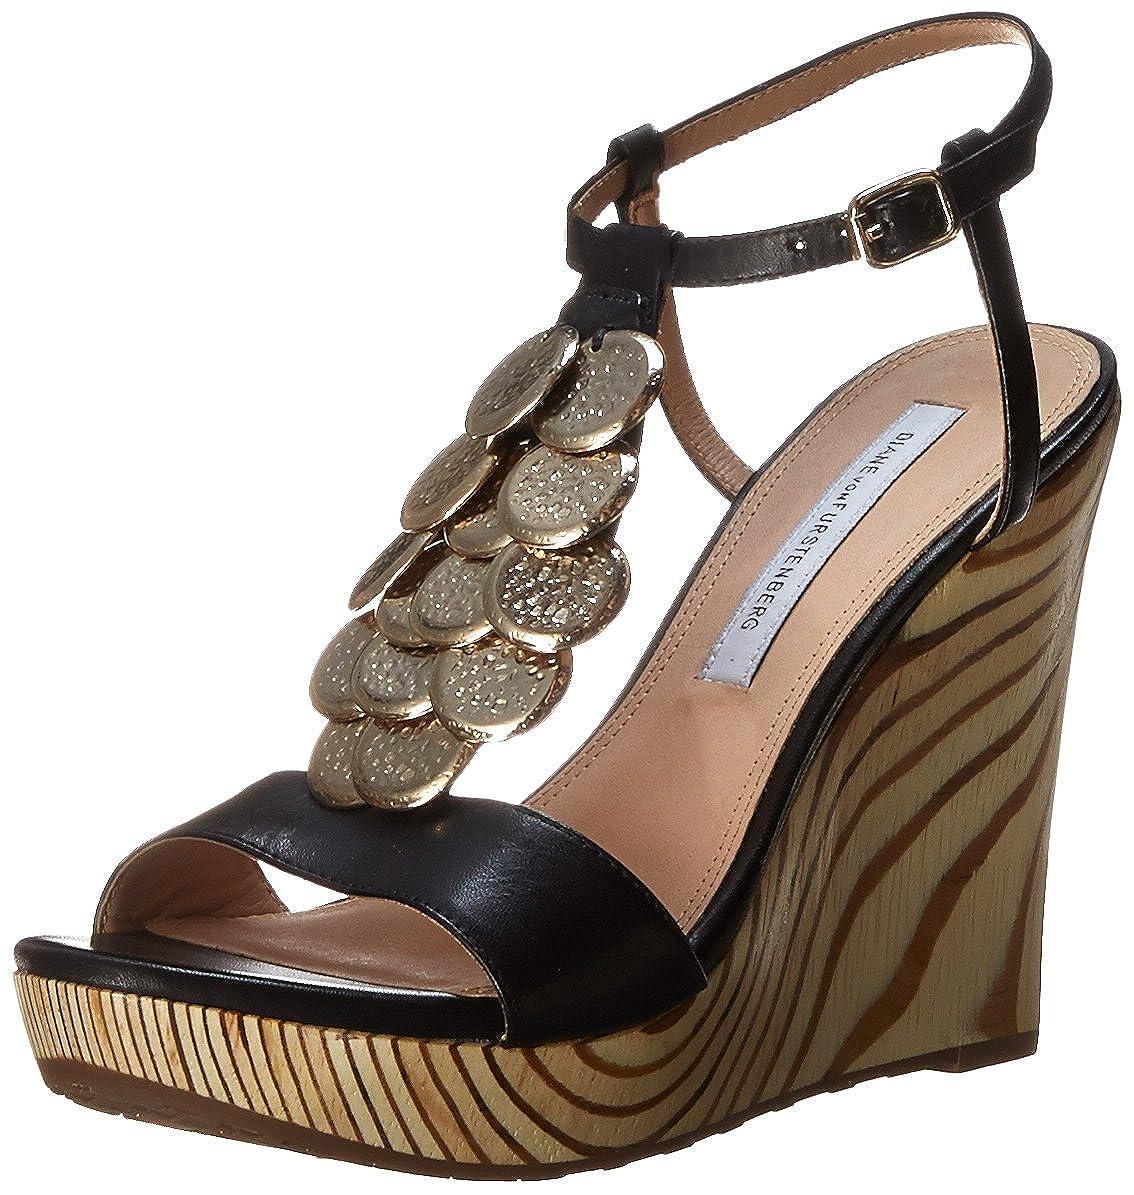 Diane Stefy Wedge Furstenberg Women's Sandal Von n8wymONv0